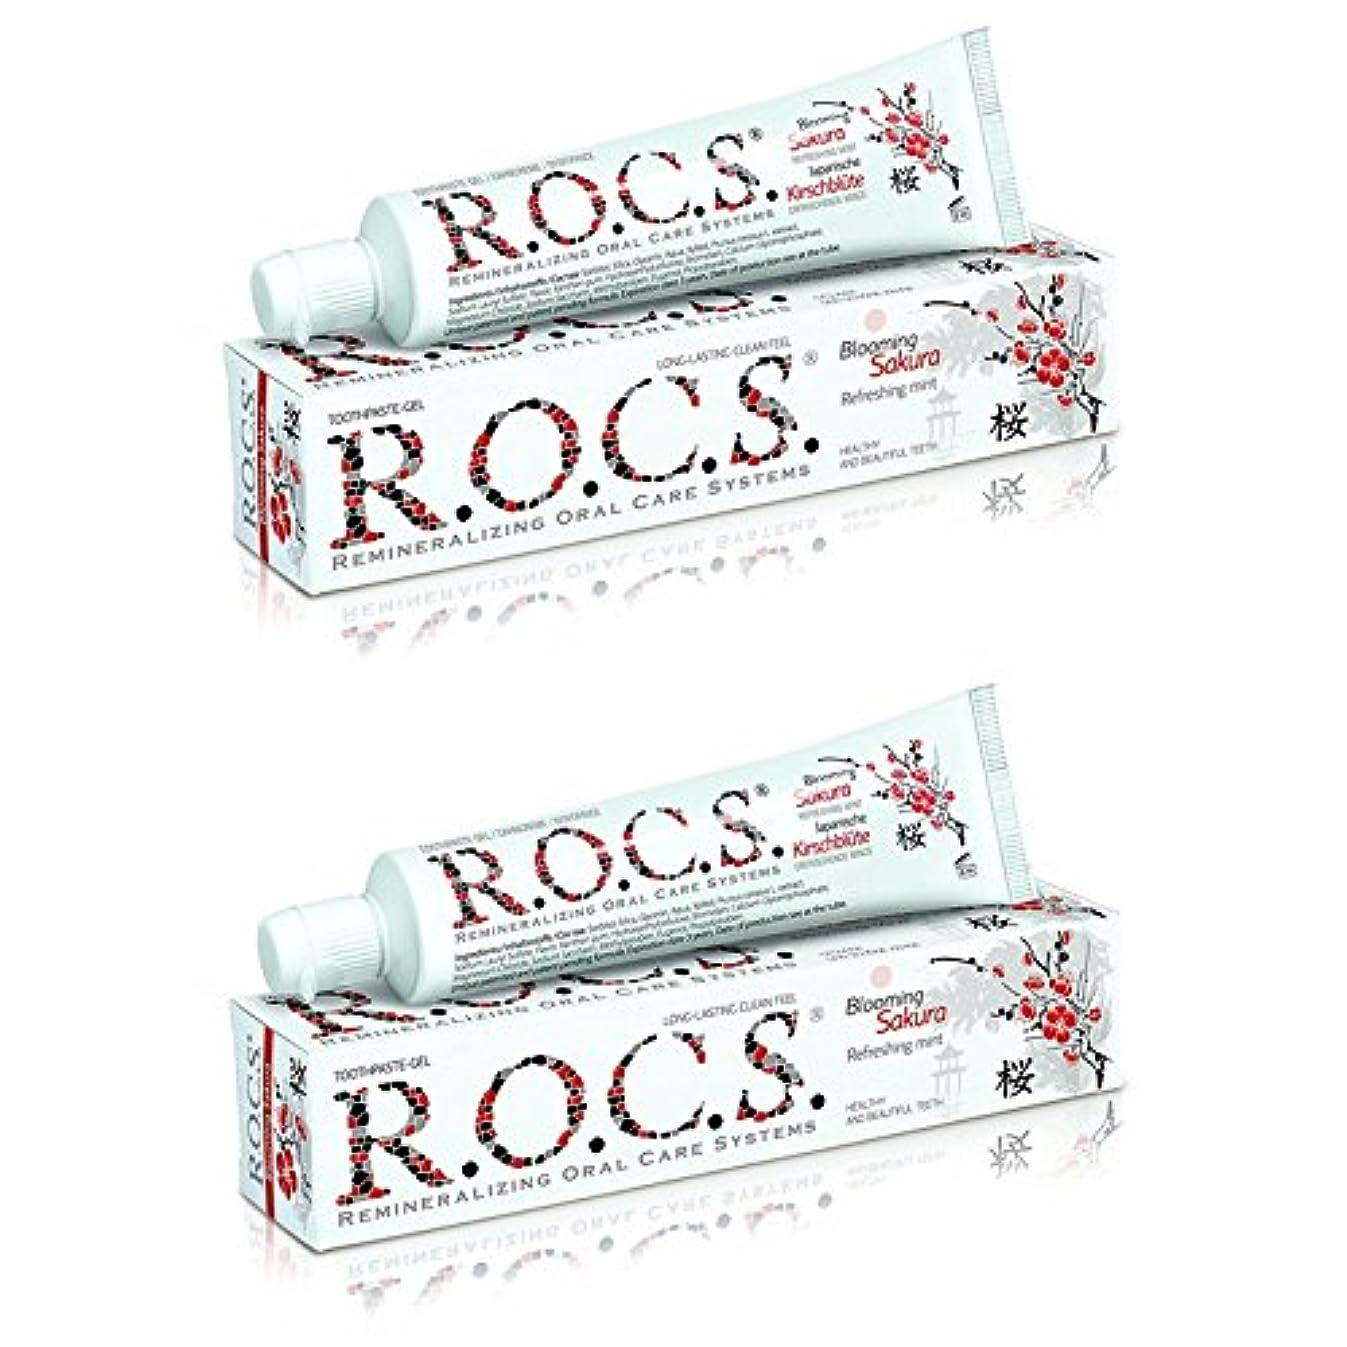 カトリック教徒階下戦艦R.O.C.S. ロックス 歯磨き粉 ブルーミング サクラ BS (2箱セット)